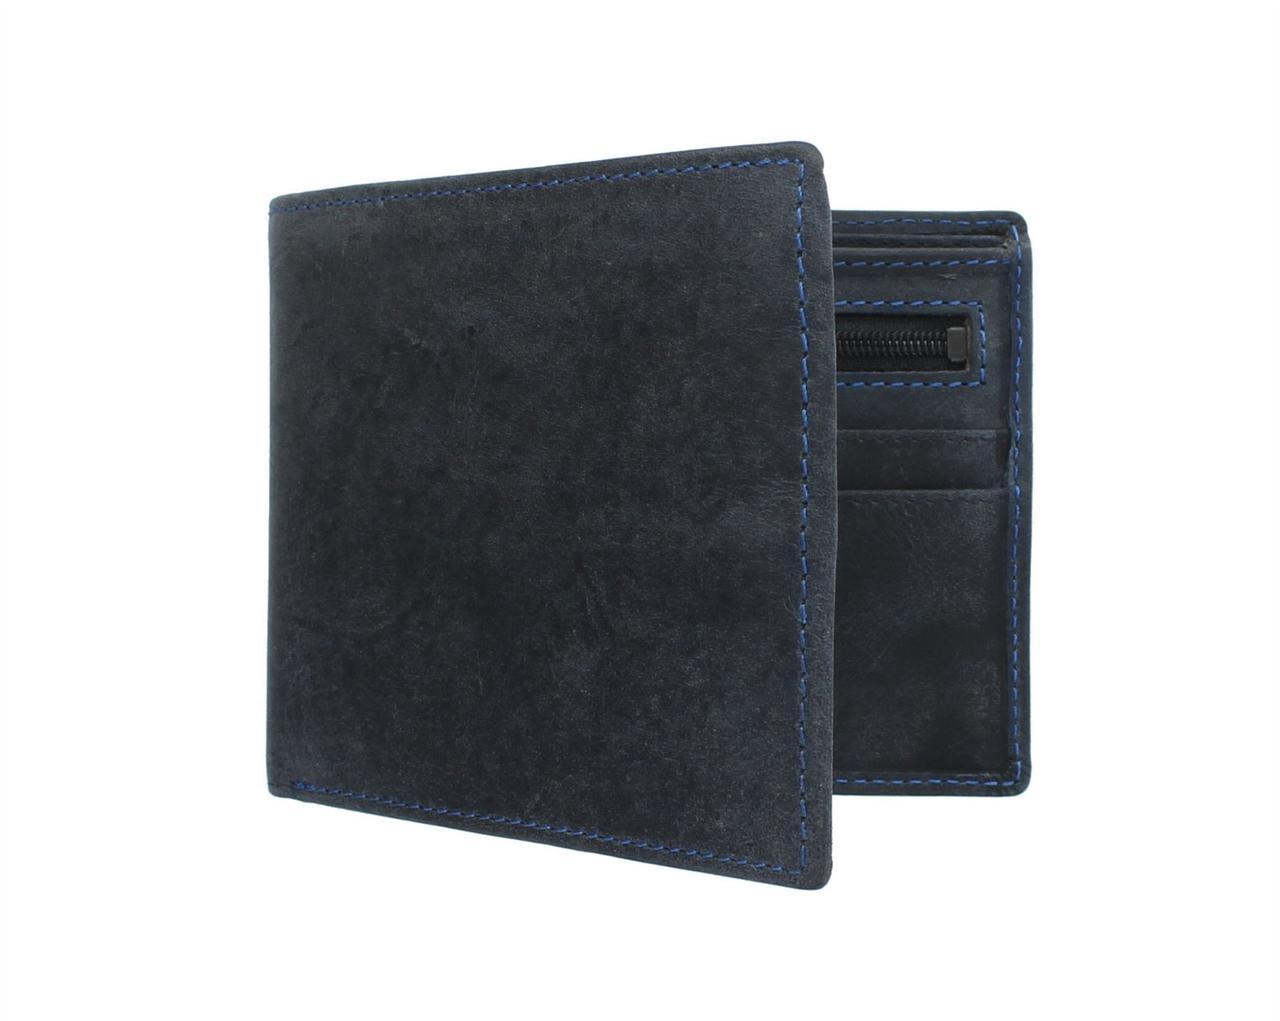 Синий кошелек из матовой кожи Visconti 707 Oil Blue (Великобритания)